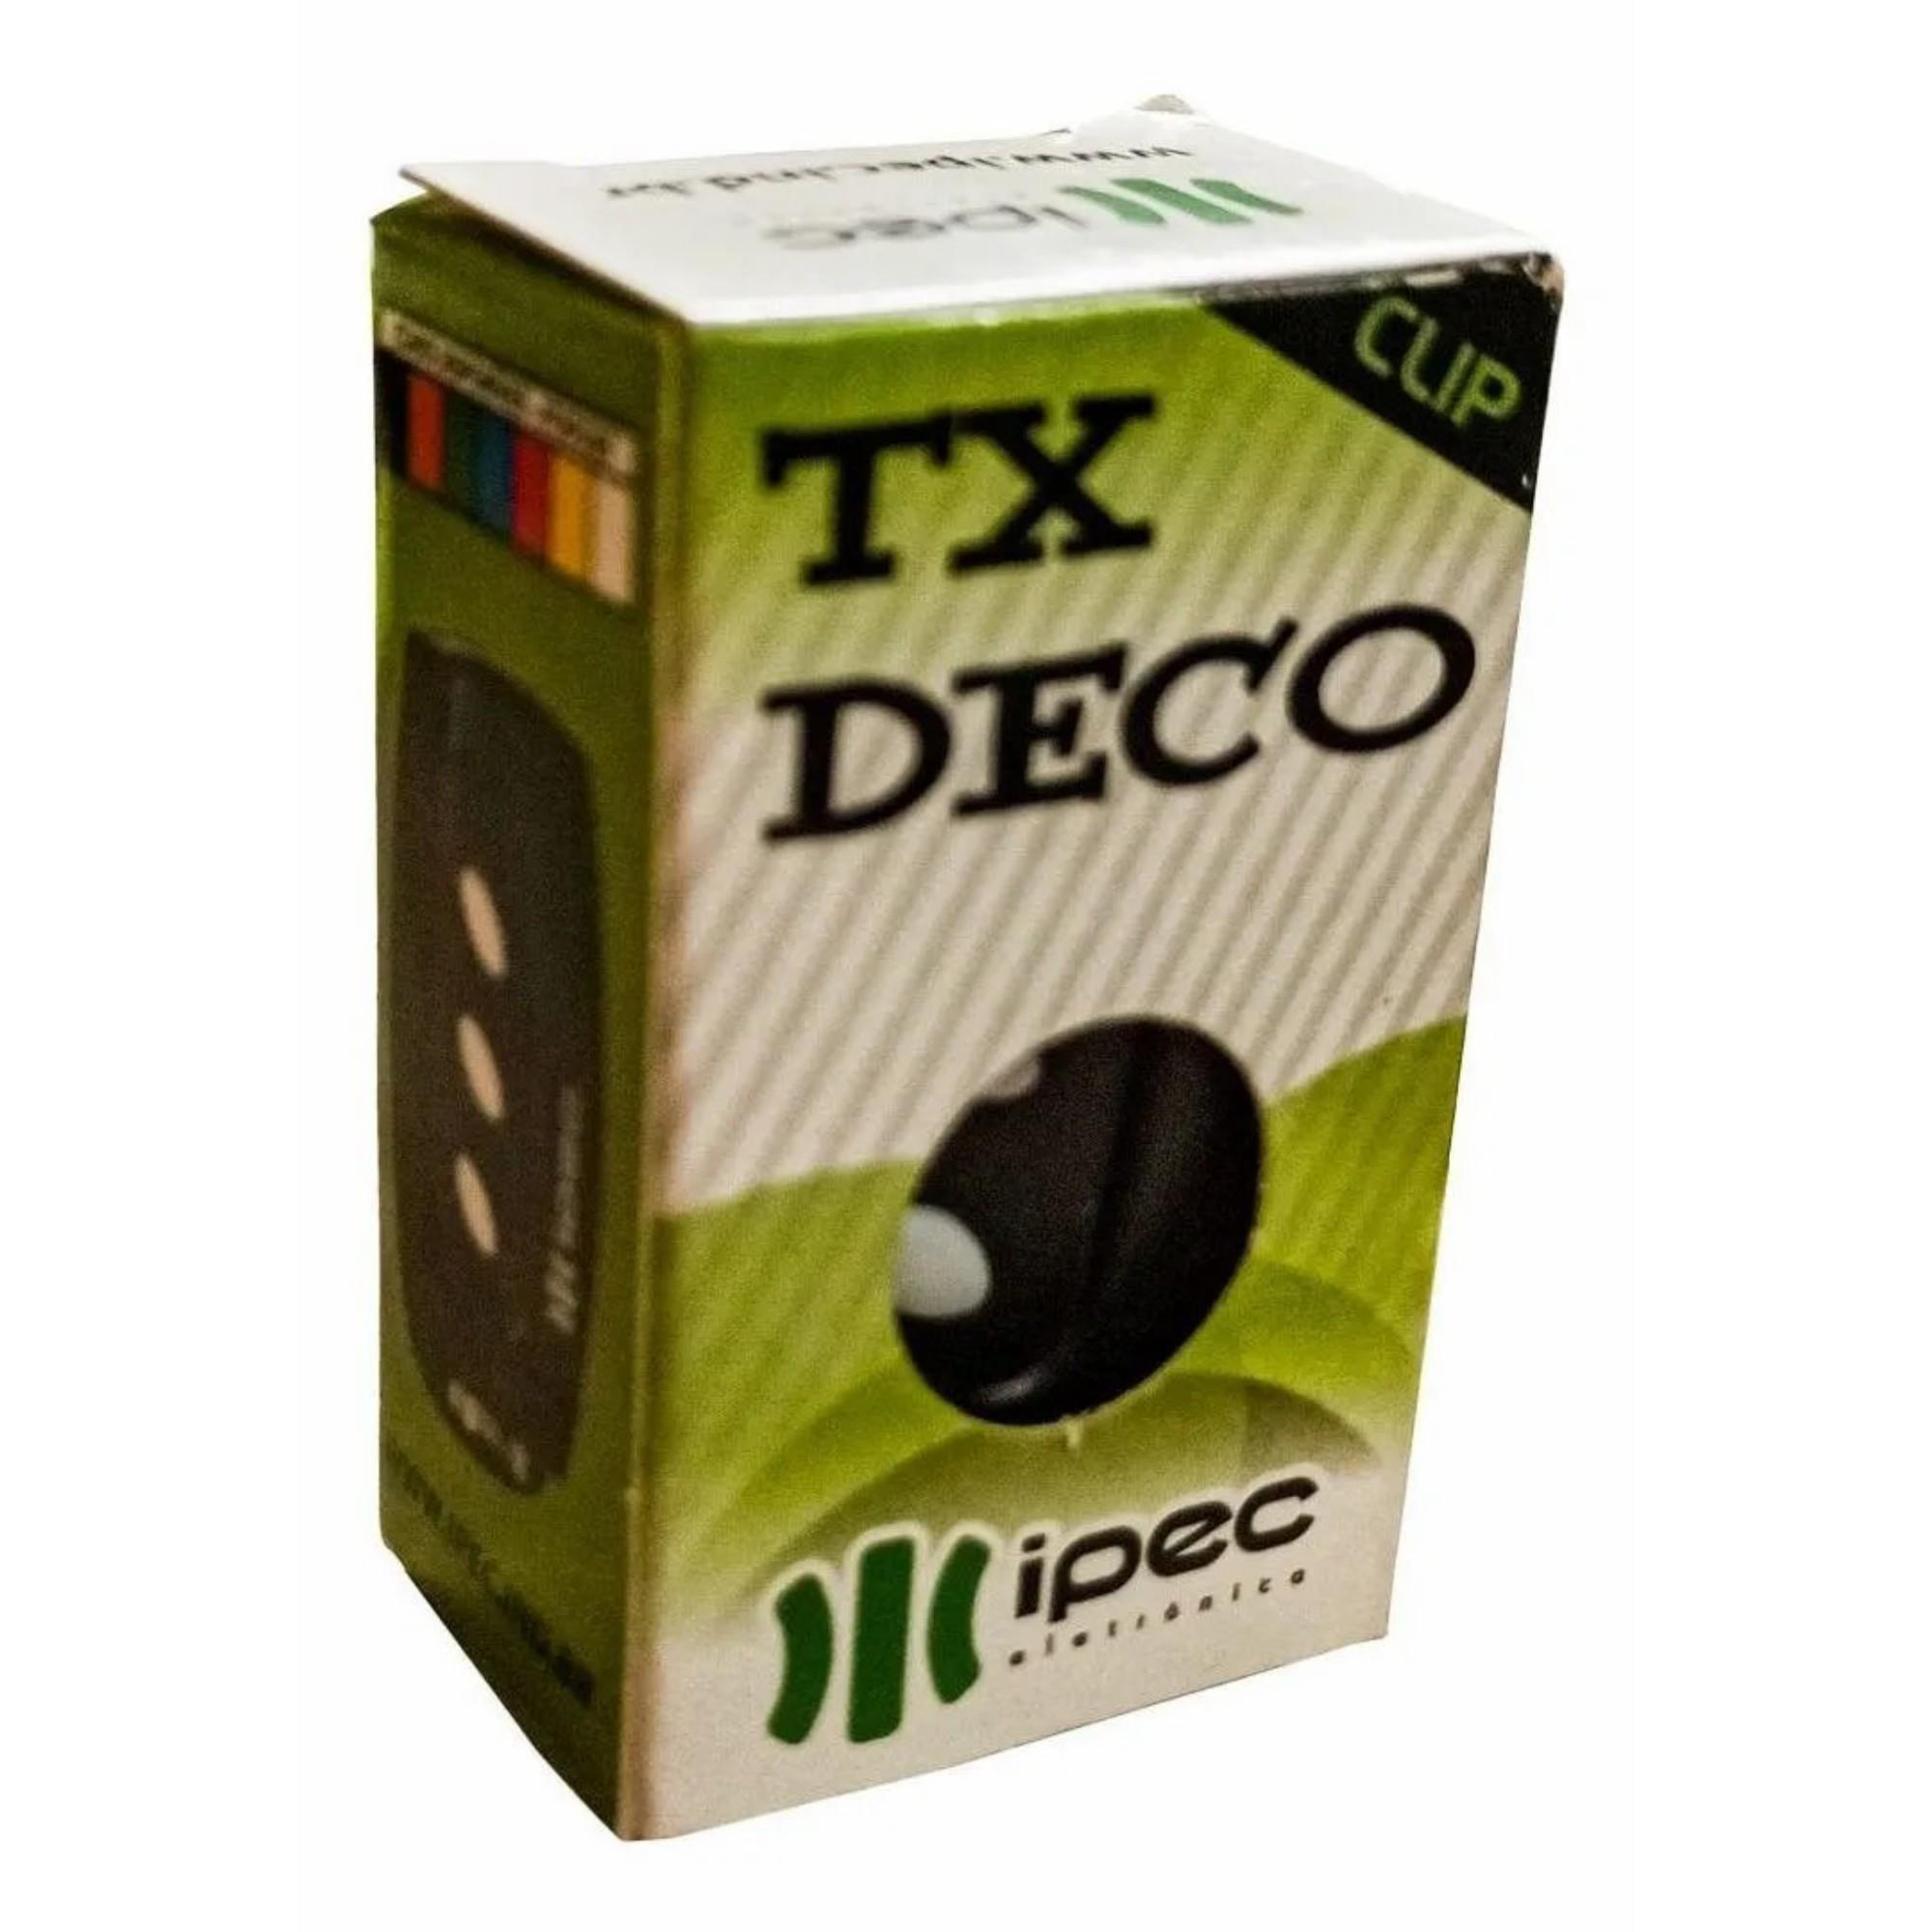 Controle Remoto Portão Alarme 433mhz TX DECO Ipec